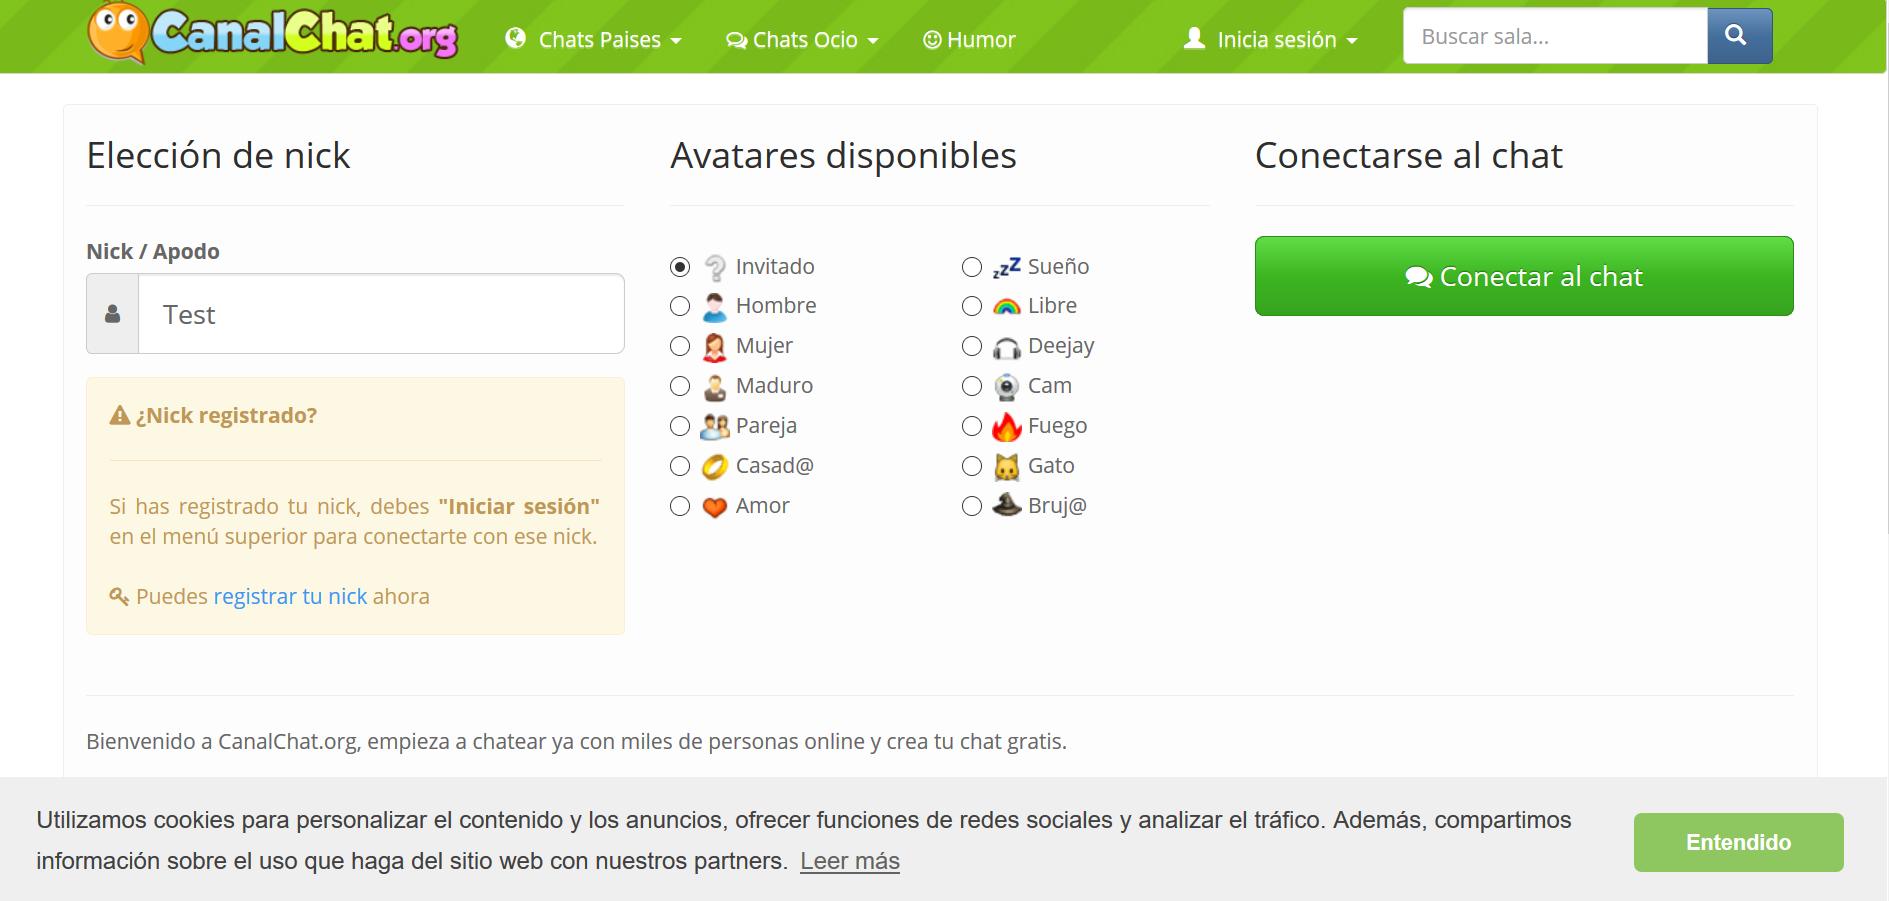 Canalchat : Uno de los chats hispanos más populares